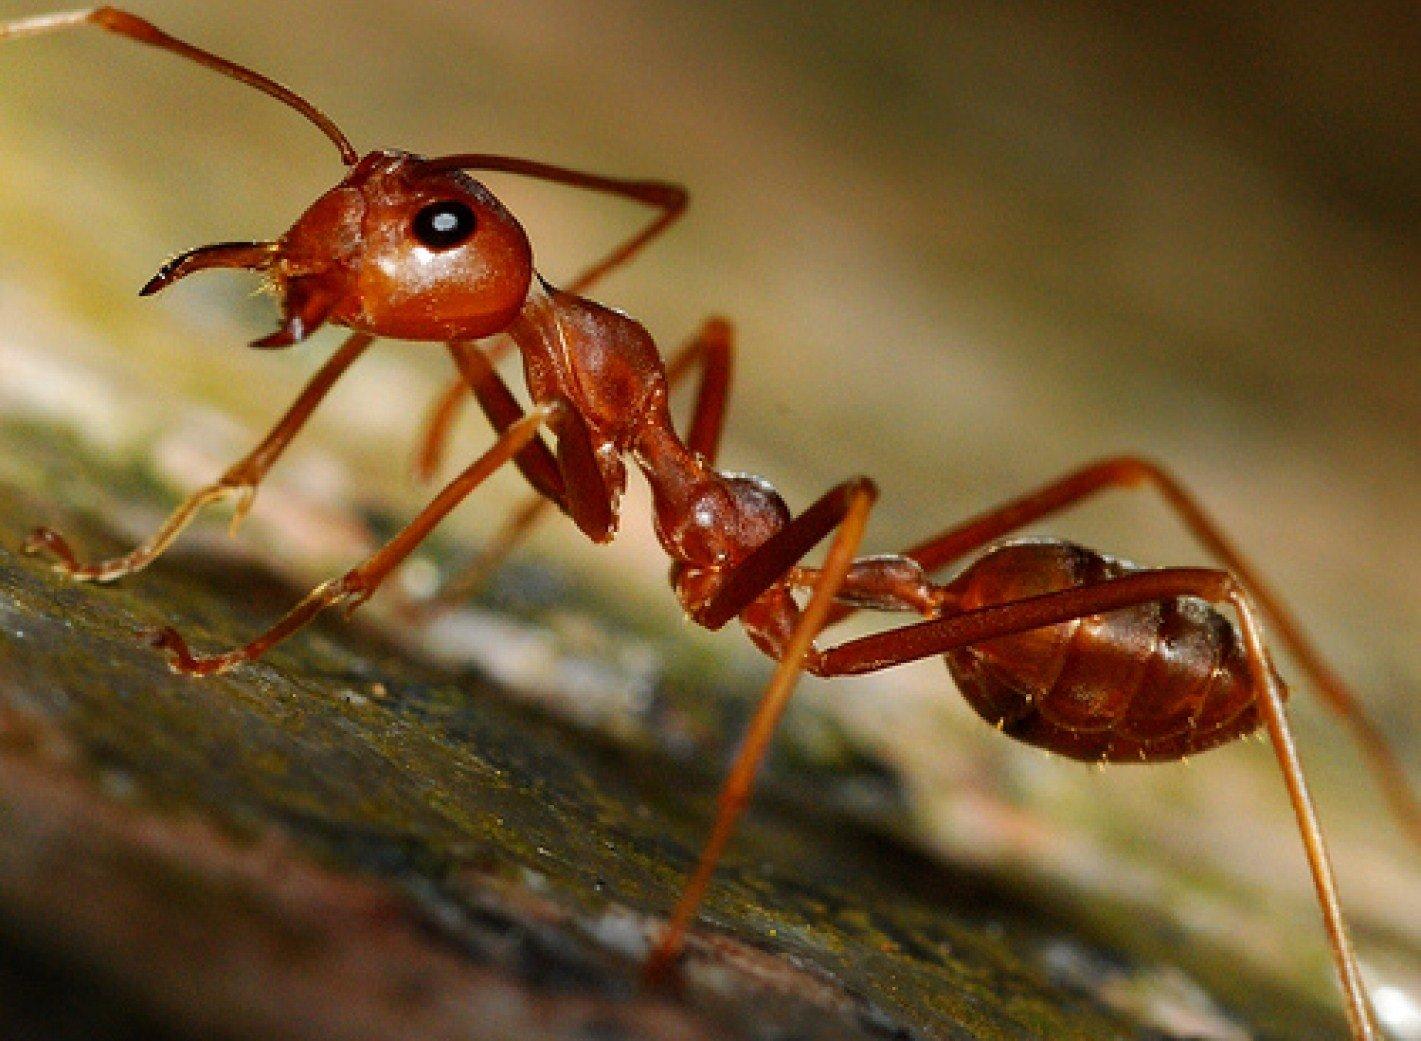 сухость все муравьи мелкие а один огромный уто это